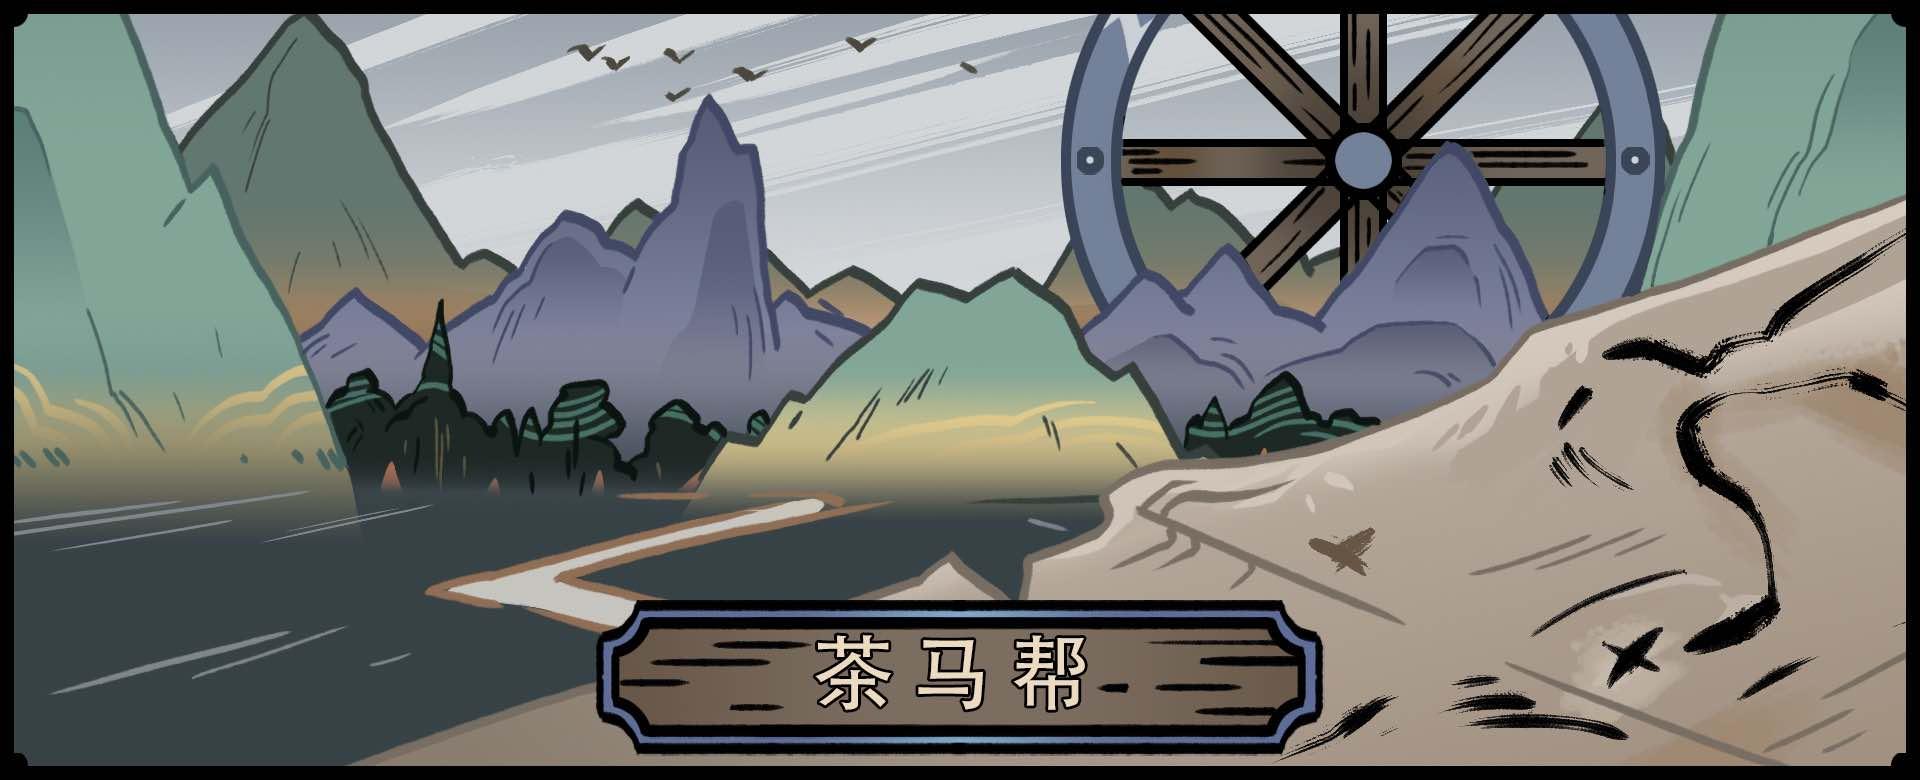 《太吾绘卷》V0.2.5.2更新日志 新增茶马帮、门派大小较等